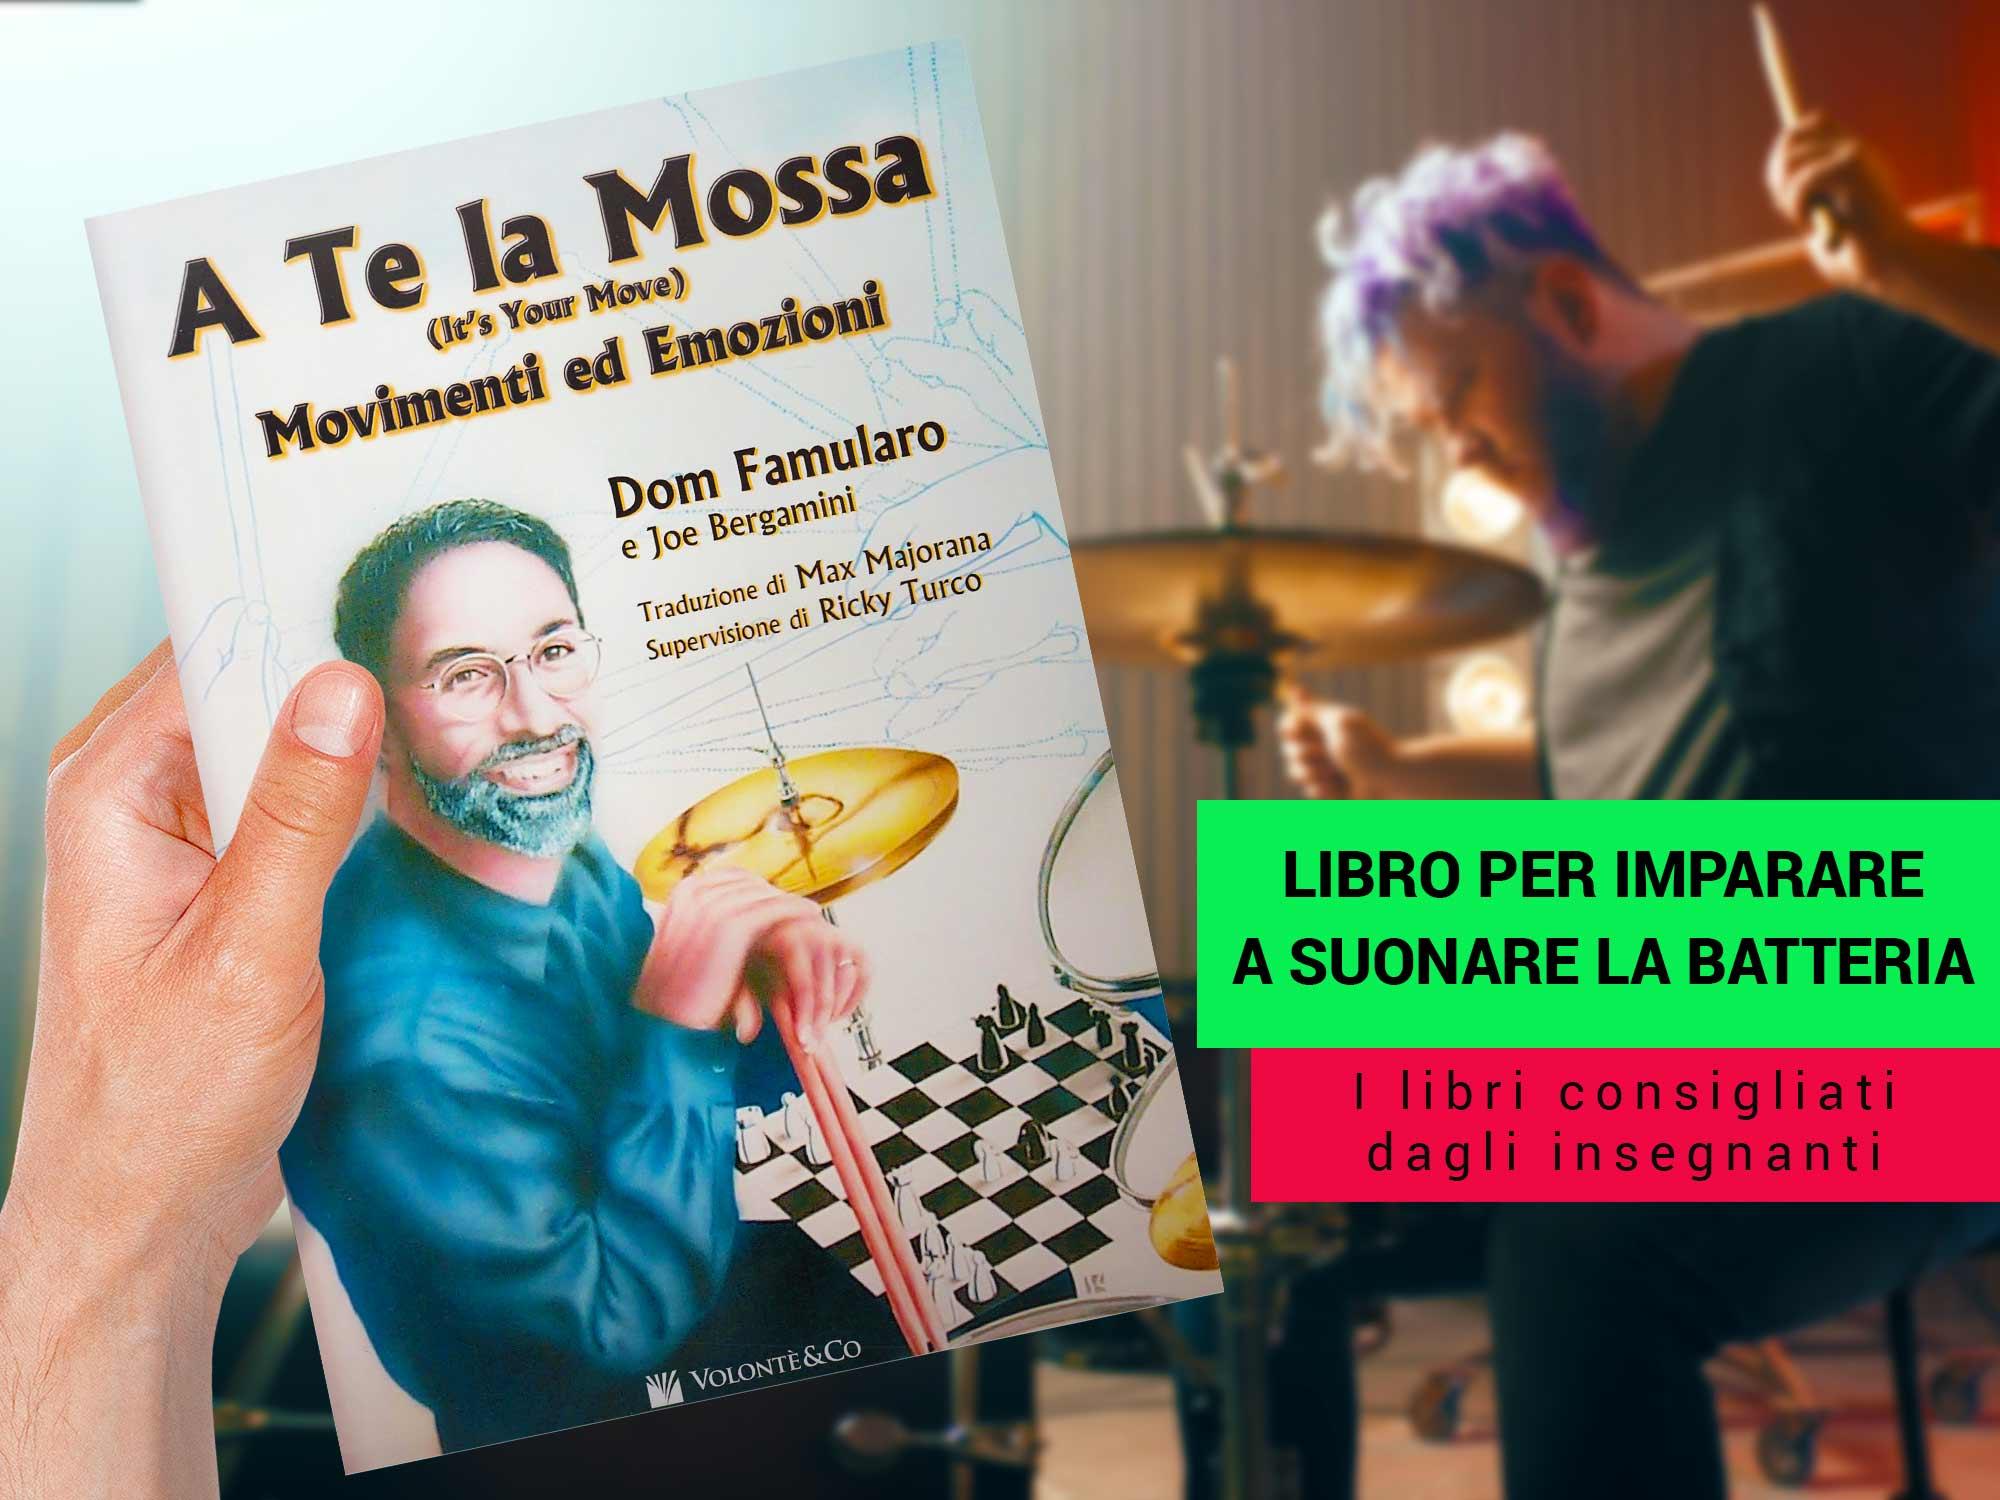 imparare-a-suonare-la-batteria-libro